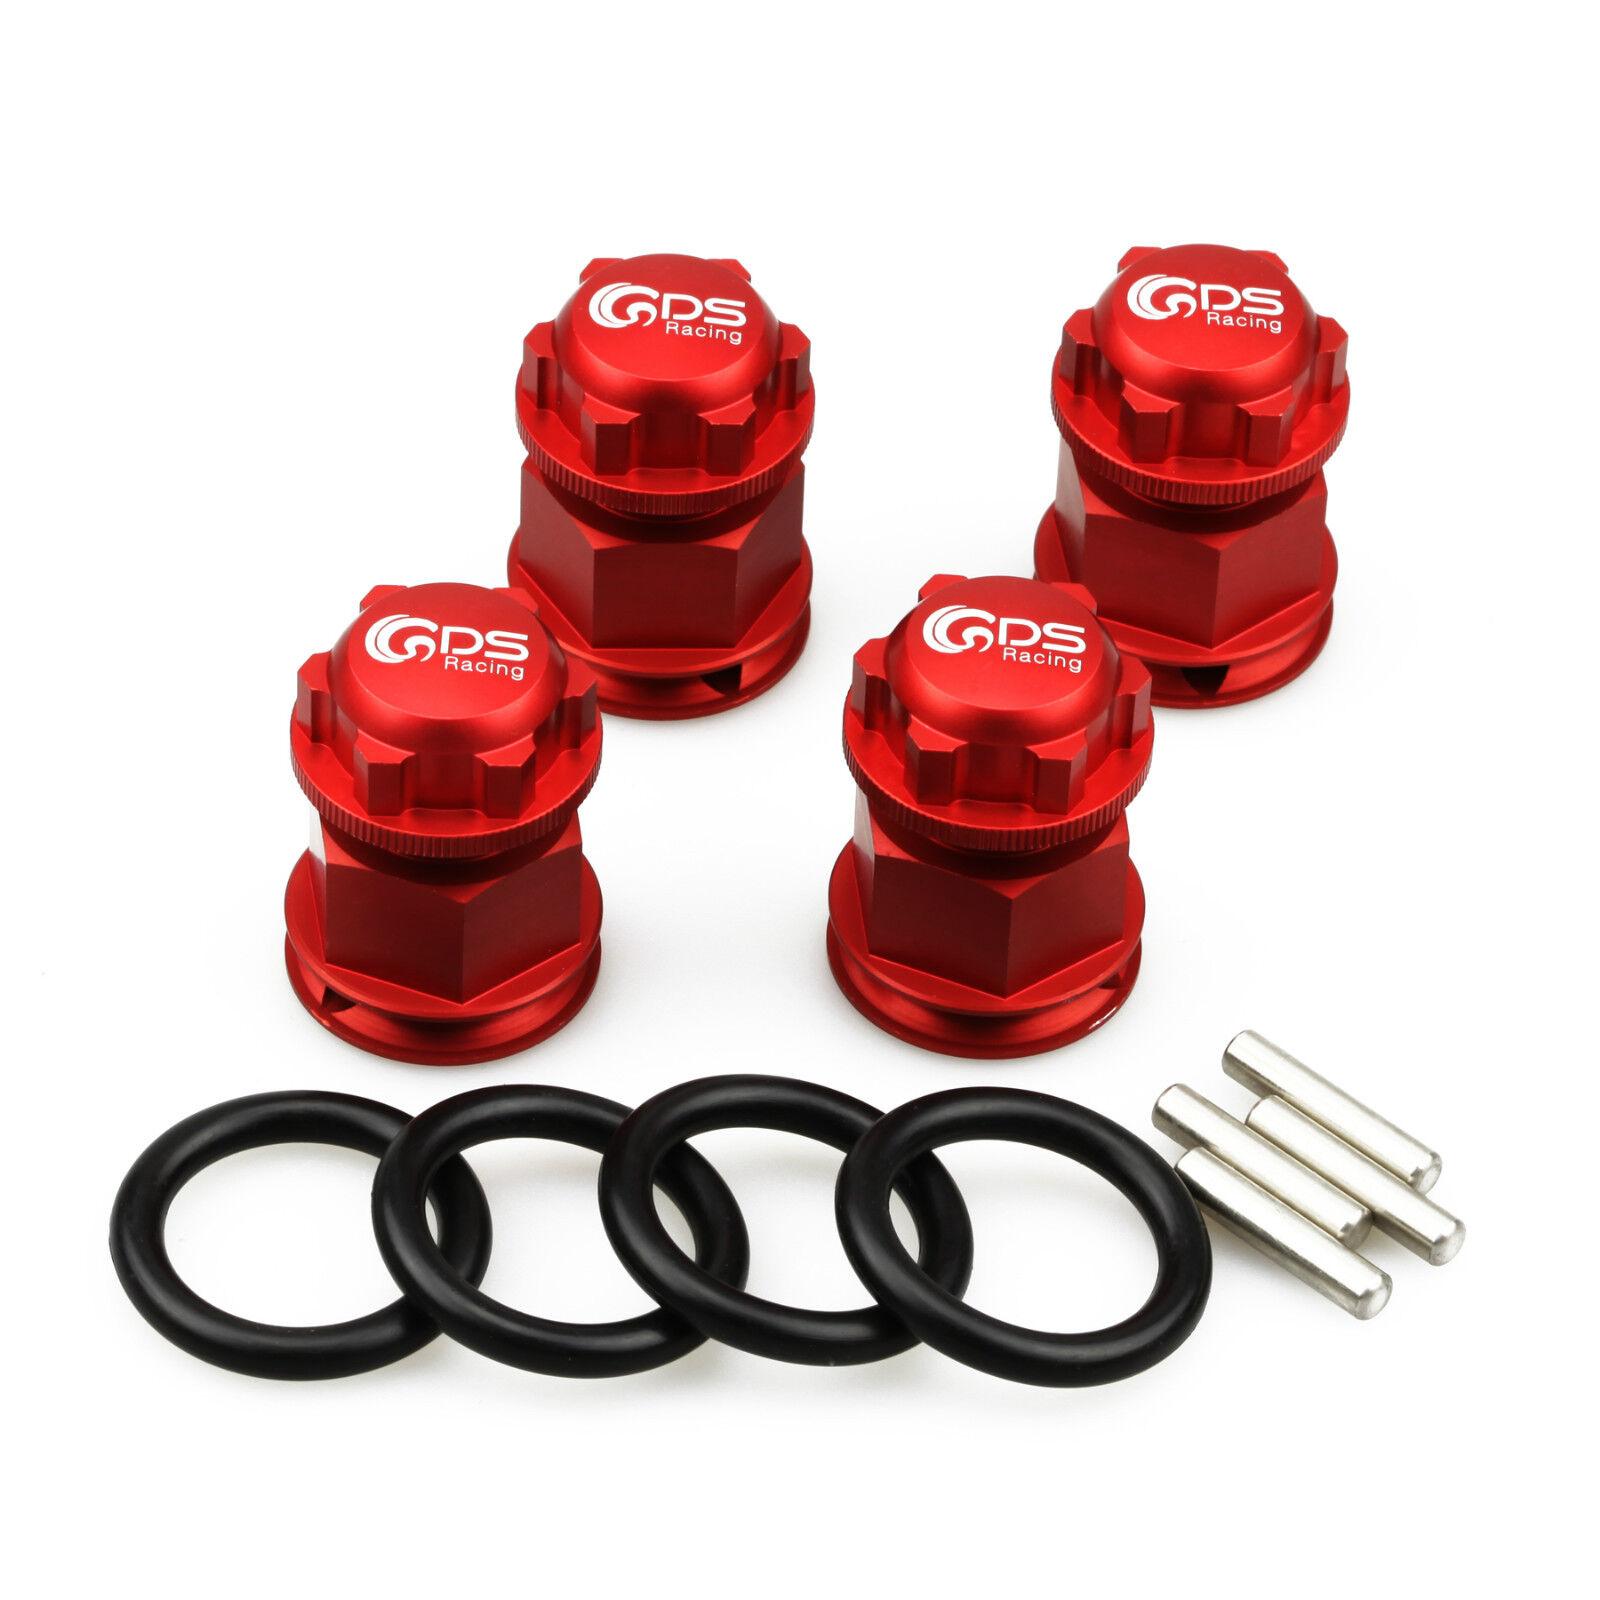 4pc GDS Racing Extendida Wheel Hex Hubs y tuerca de la rueda de Color rojo para Losi 5ive T